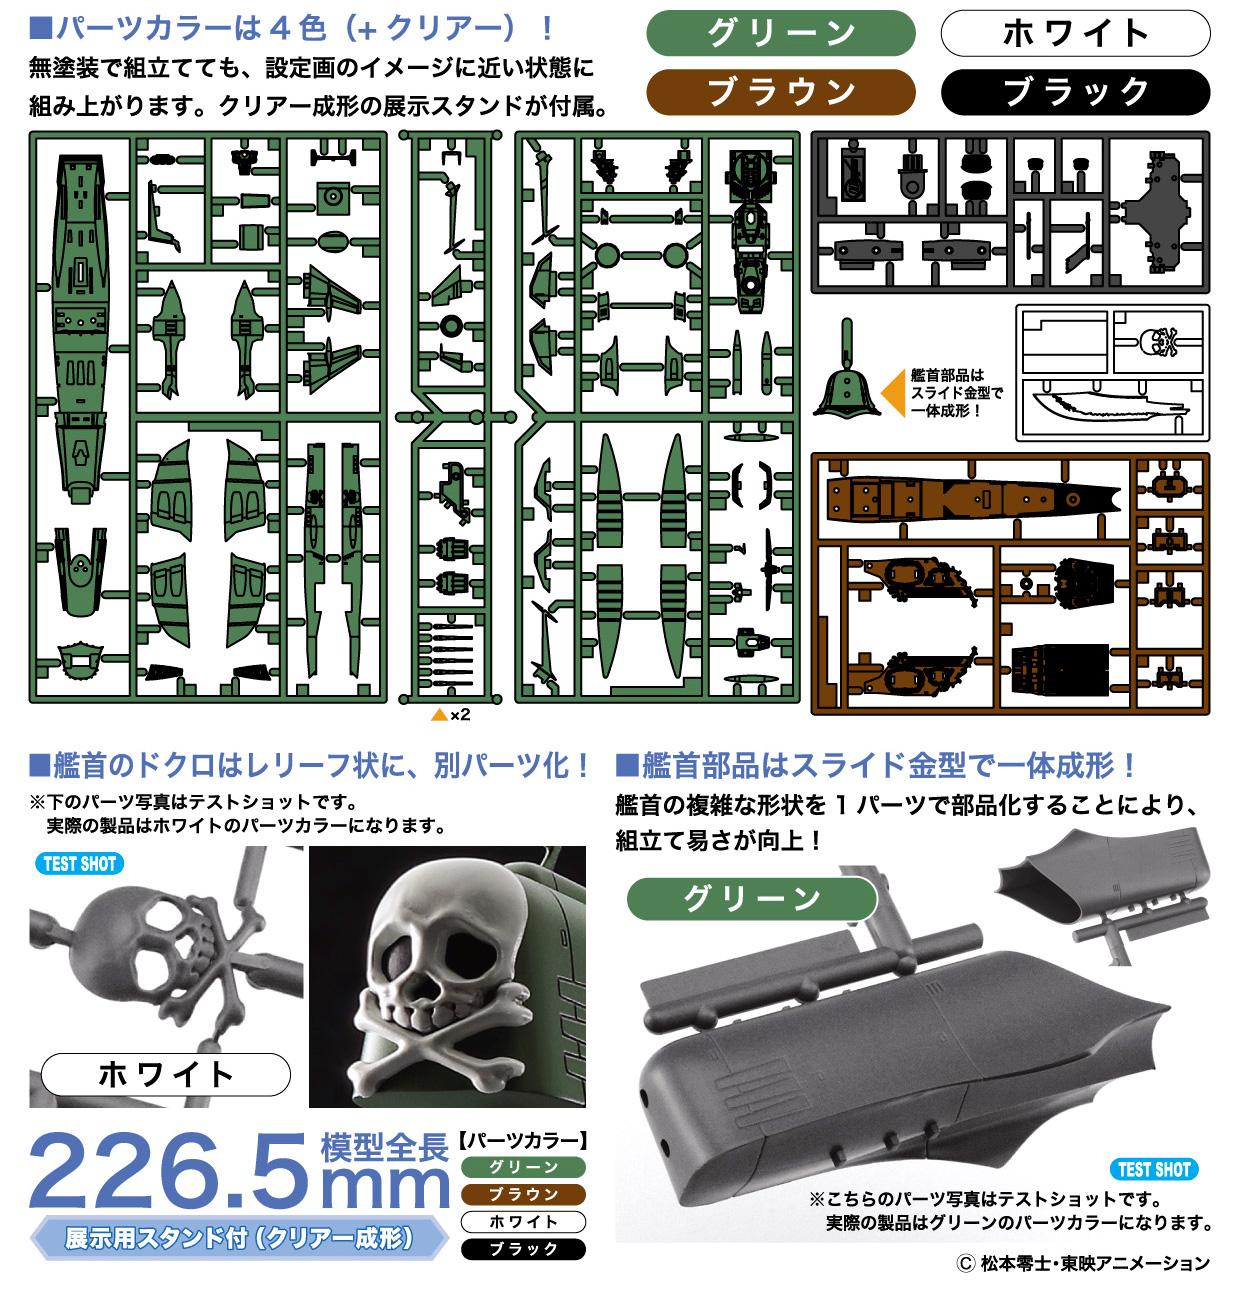 宇宙海賊戦艦 アルカディアプラモデル(ハセガワクリエイター ワークス シリーズNo.CW020)商品画像_1